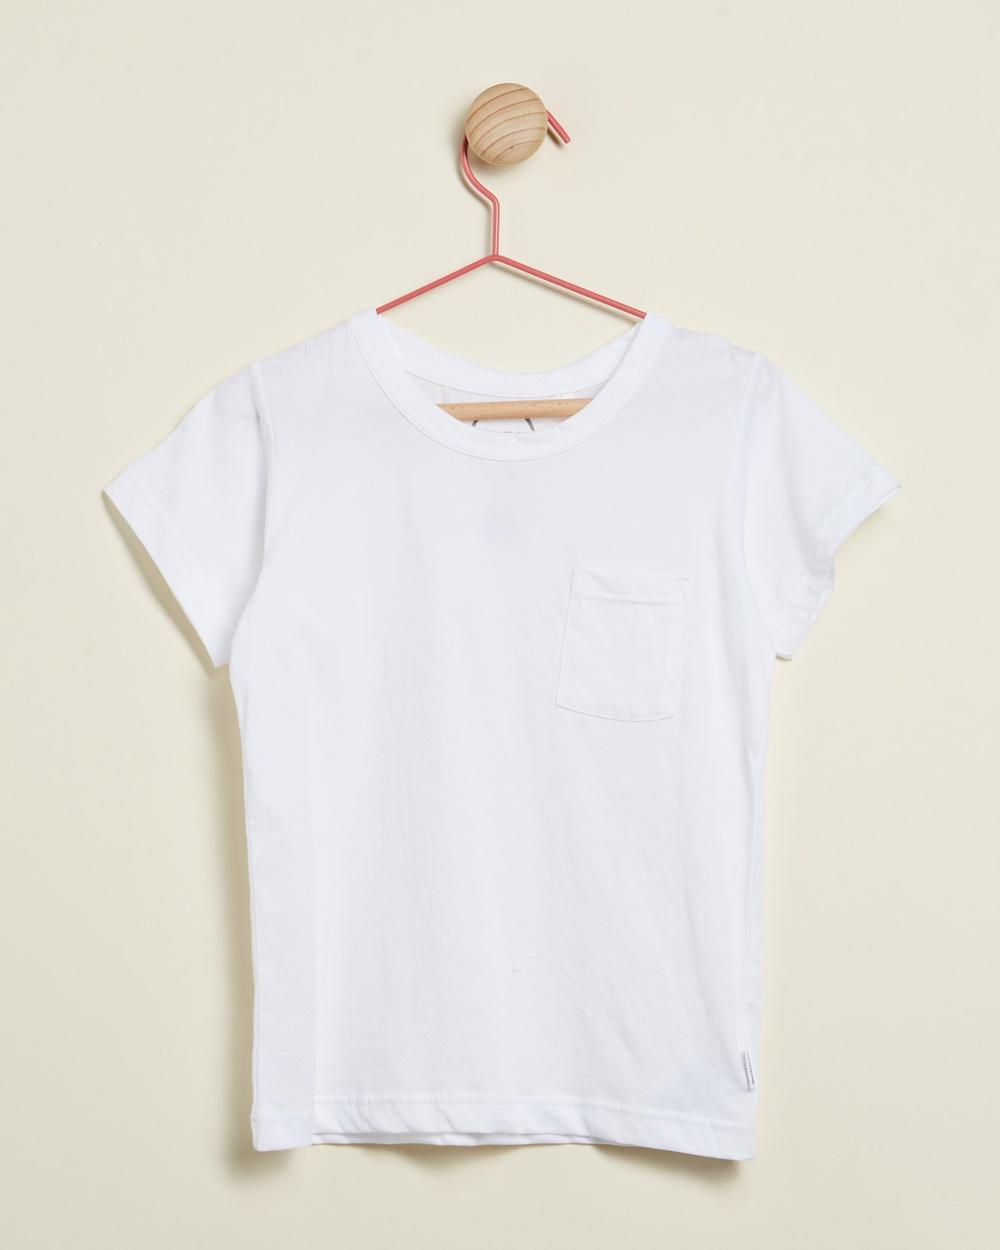 Bonds Kids - Basic Aussie Cotton Tee   Kids - T-Shirts & Singlets (White) Basic Aussie Cotton Tee - Kids